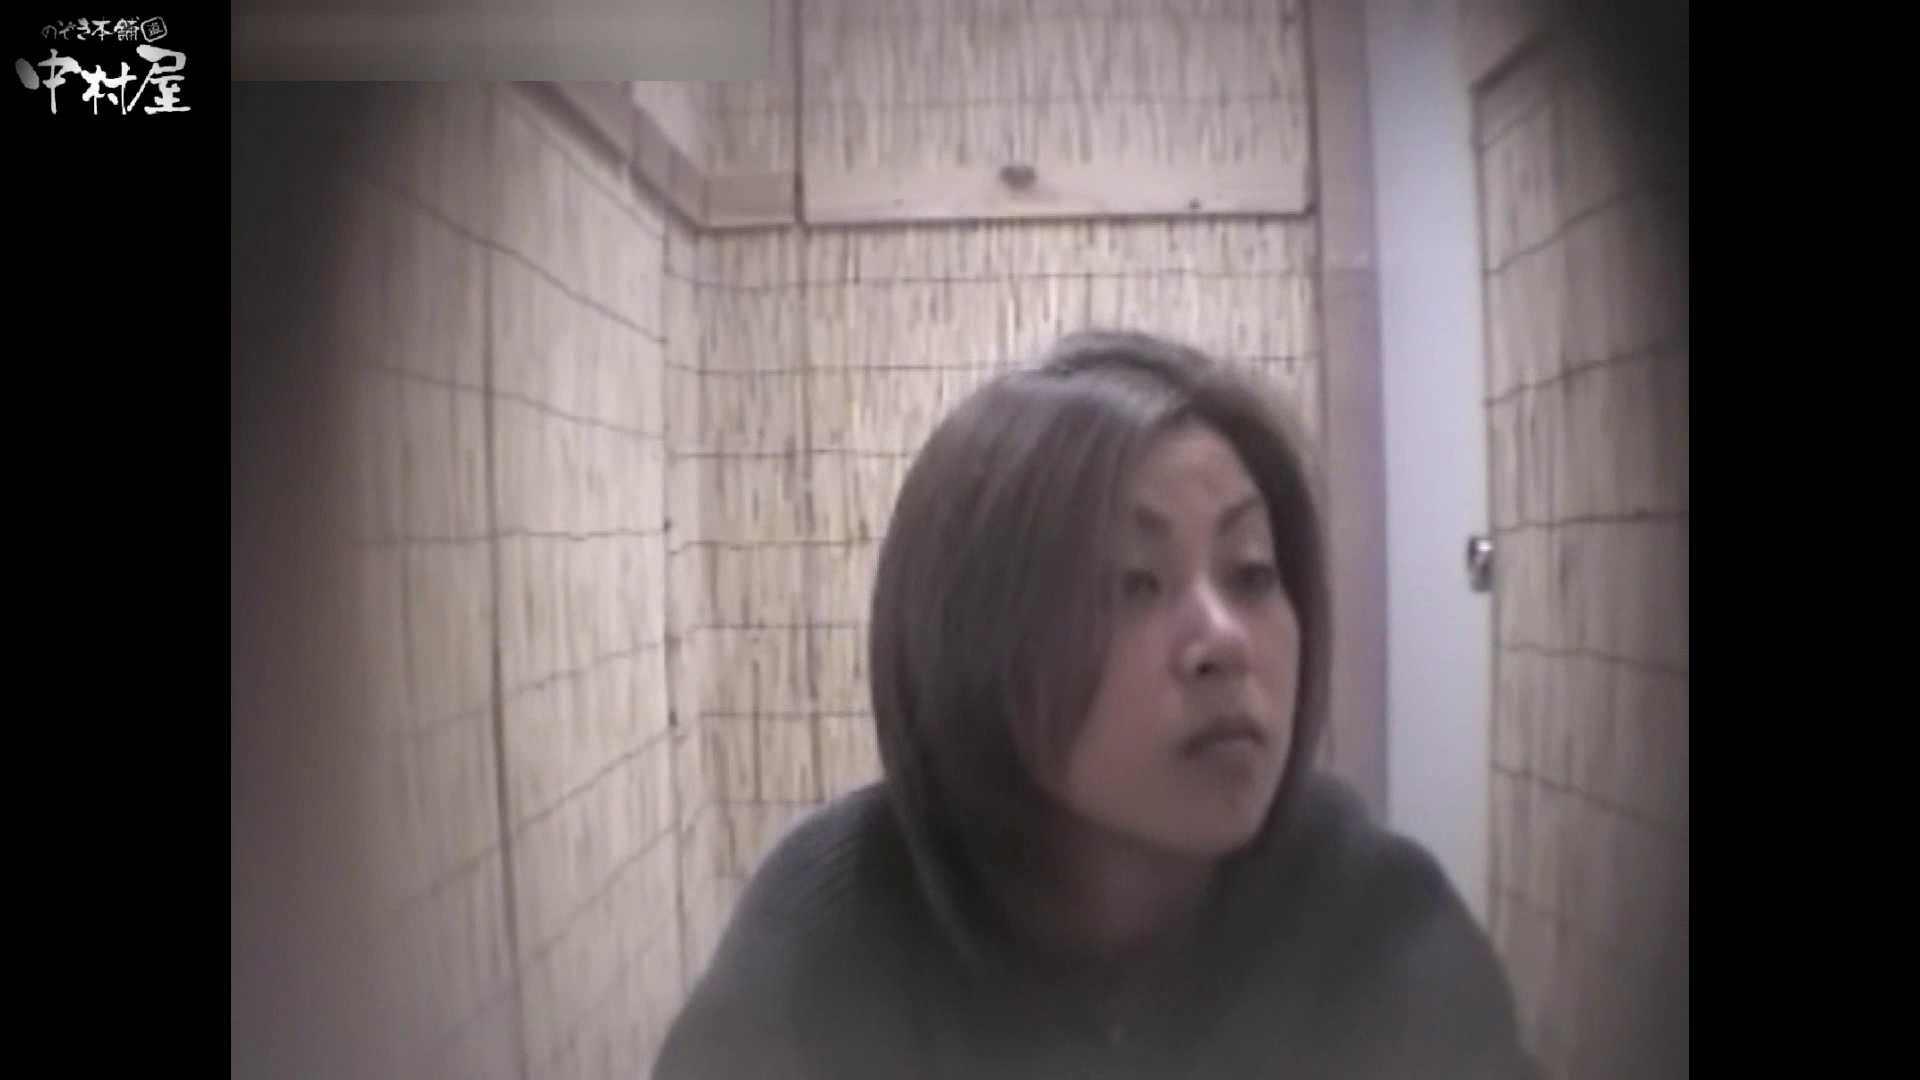 解禁!海の家4カメ洗面所vol.46 人気シリーズ | ギャルのエロ動画  100PIX 85